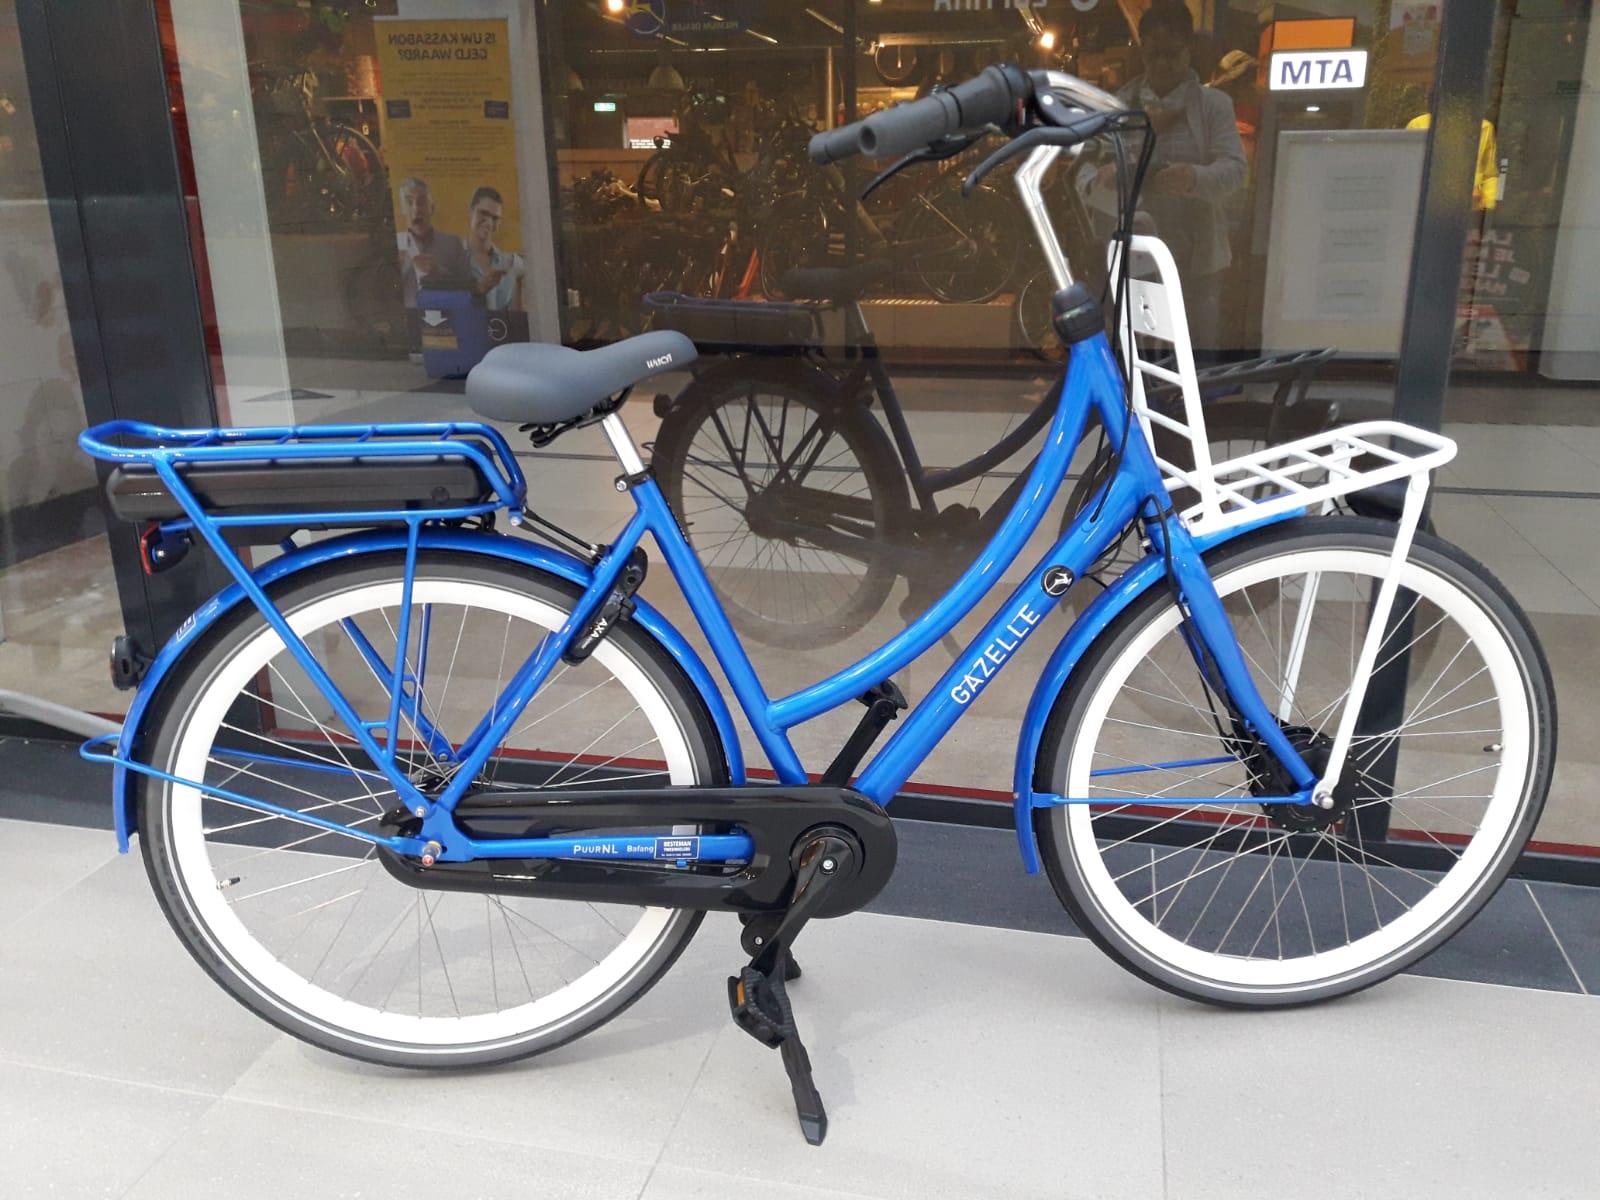 Gazelle Puurnl Hfb Tropical Blue 400wh Accu Besteman Tweewielers